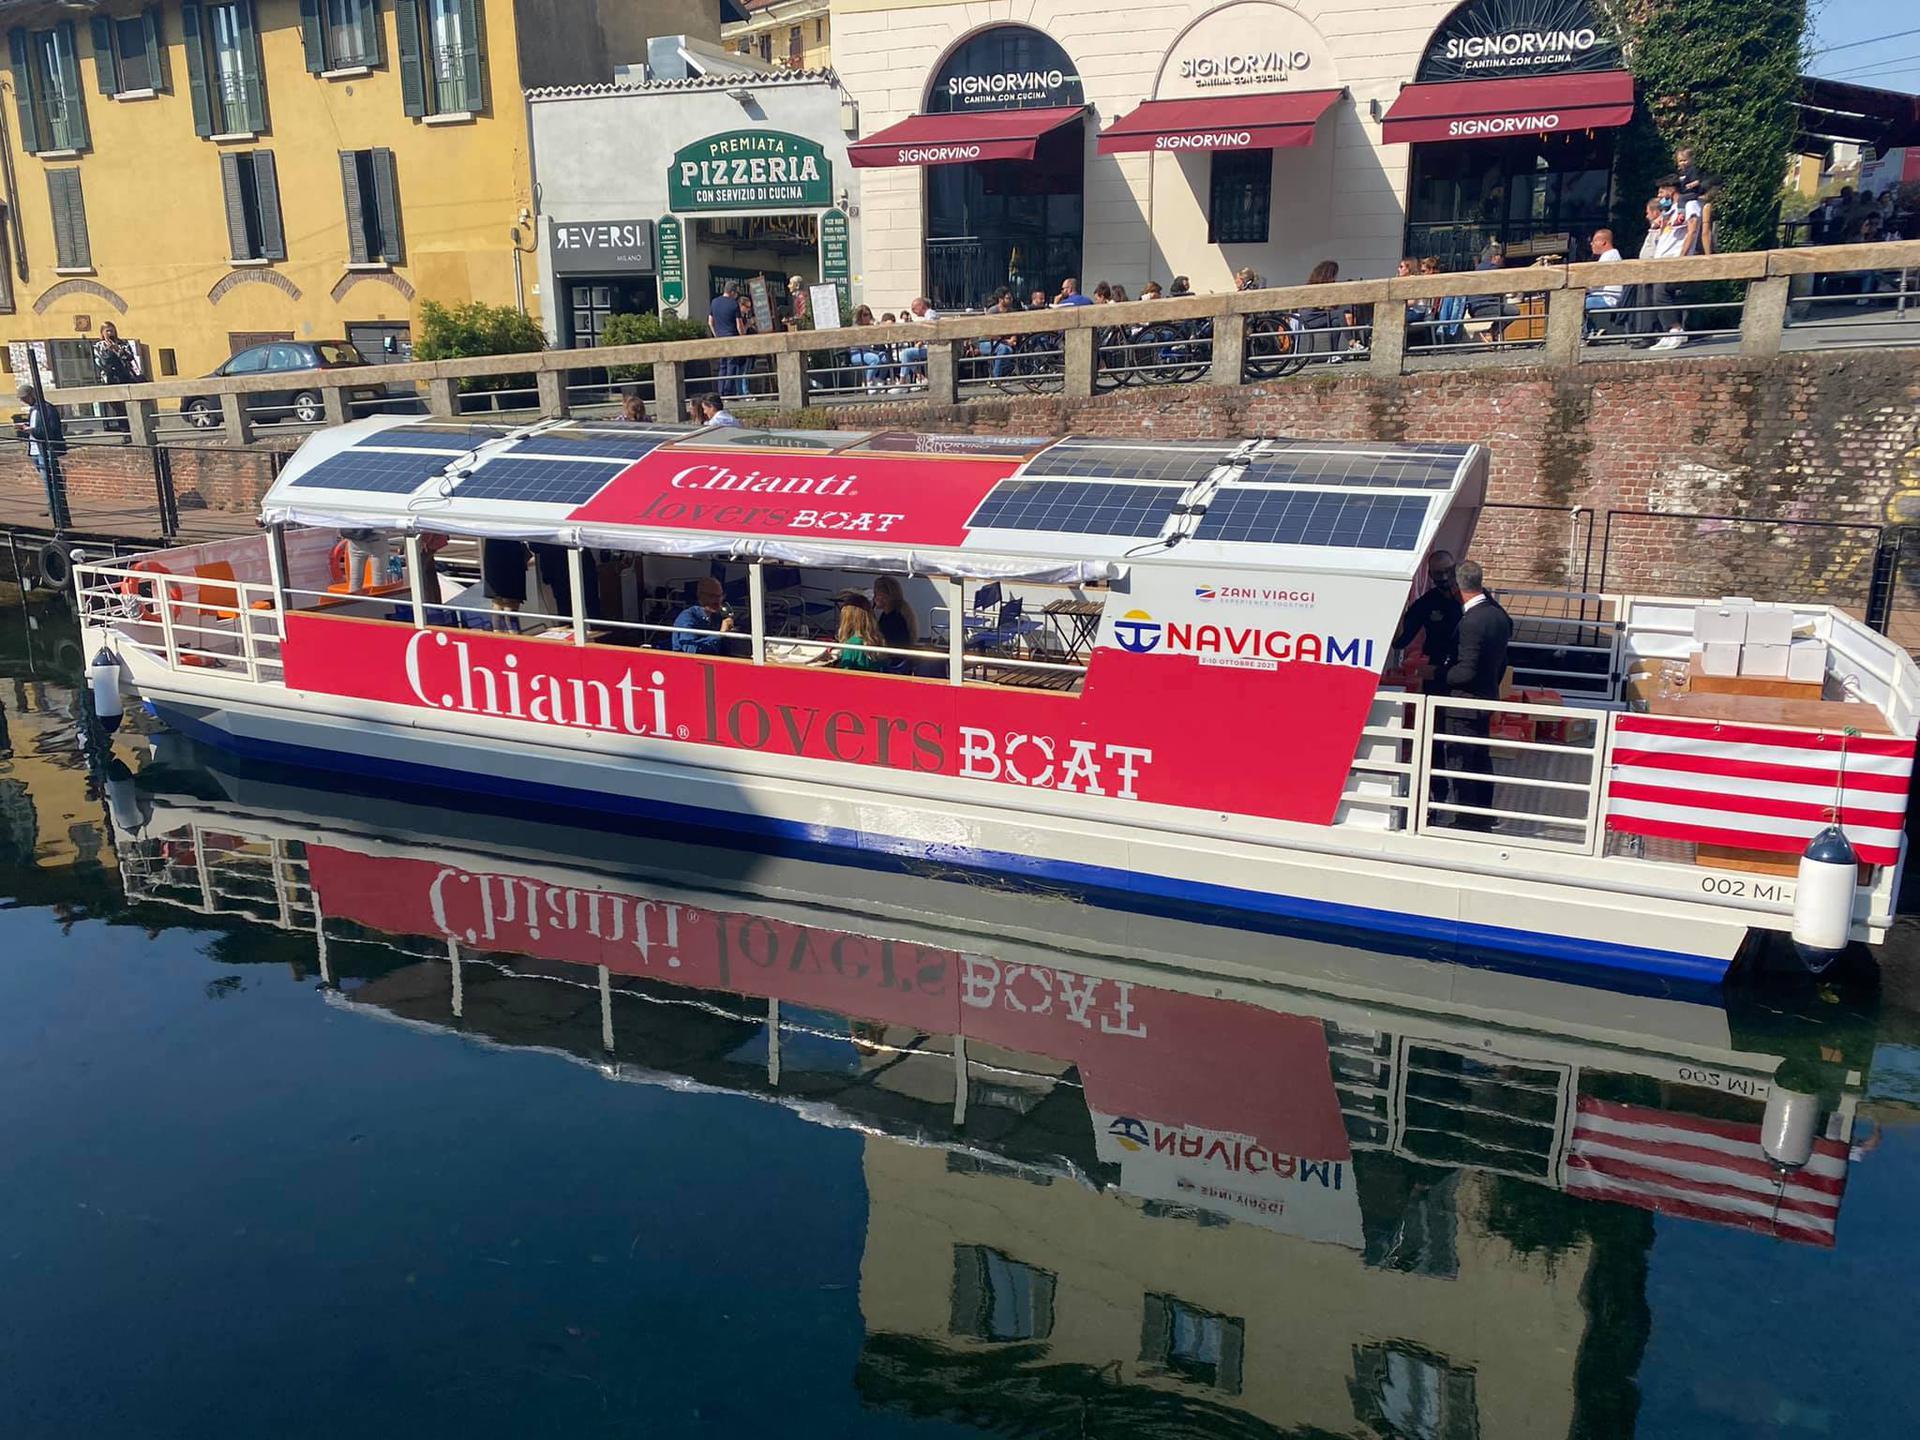 Chianti Lovers Boat